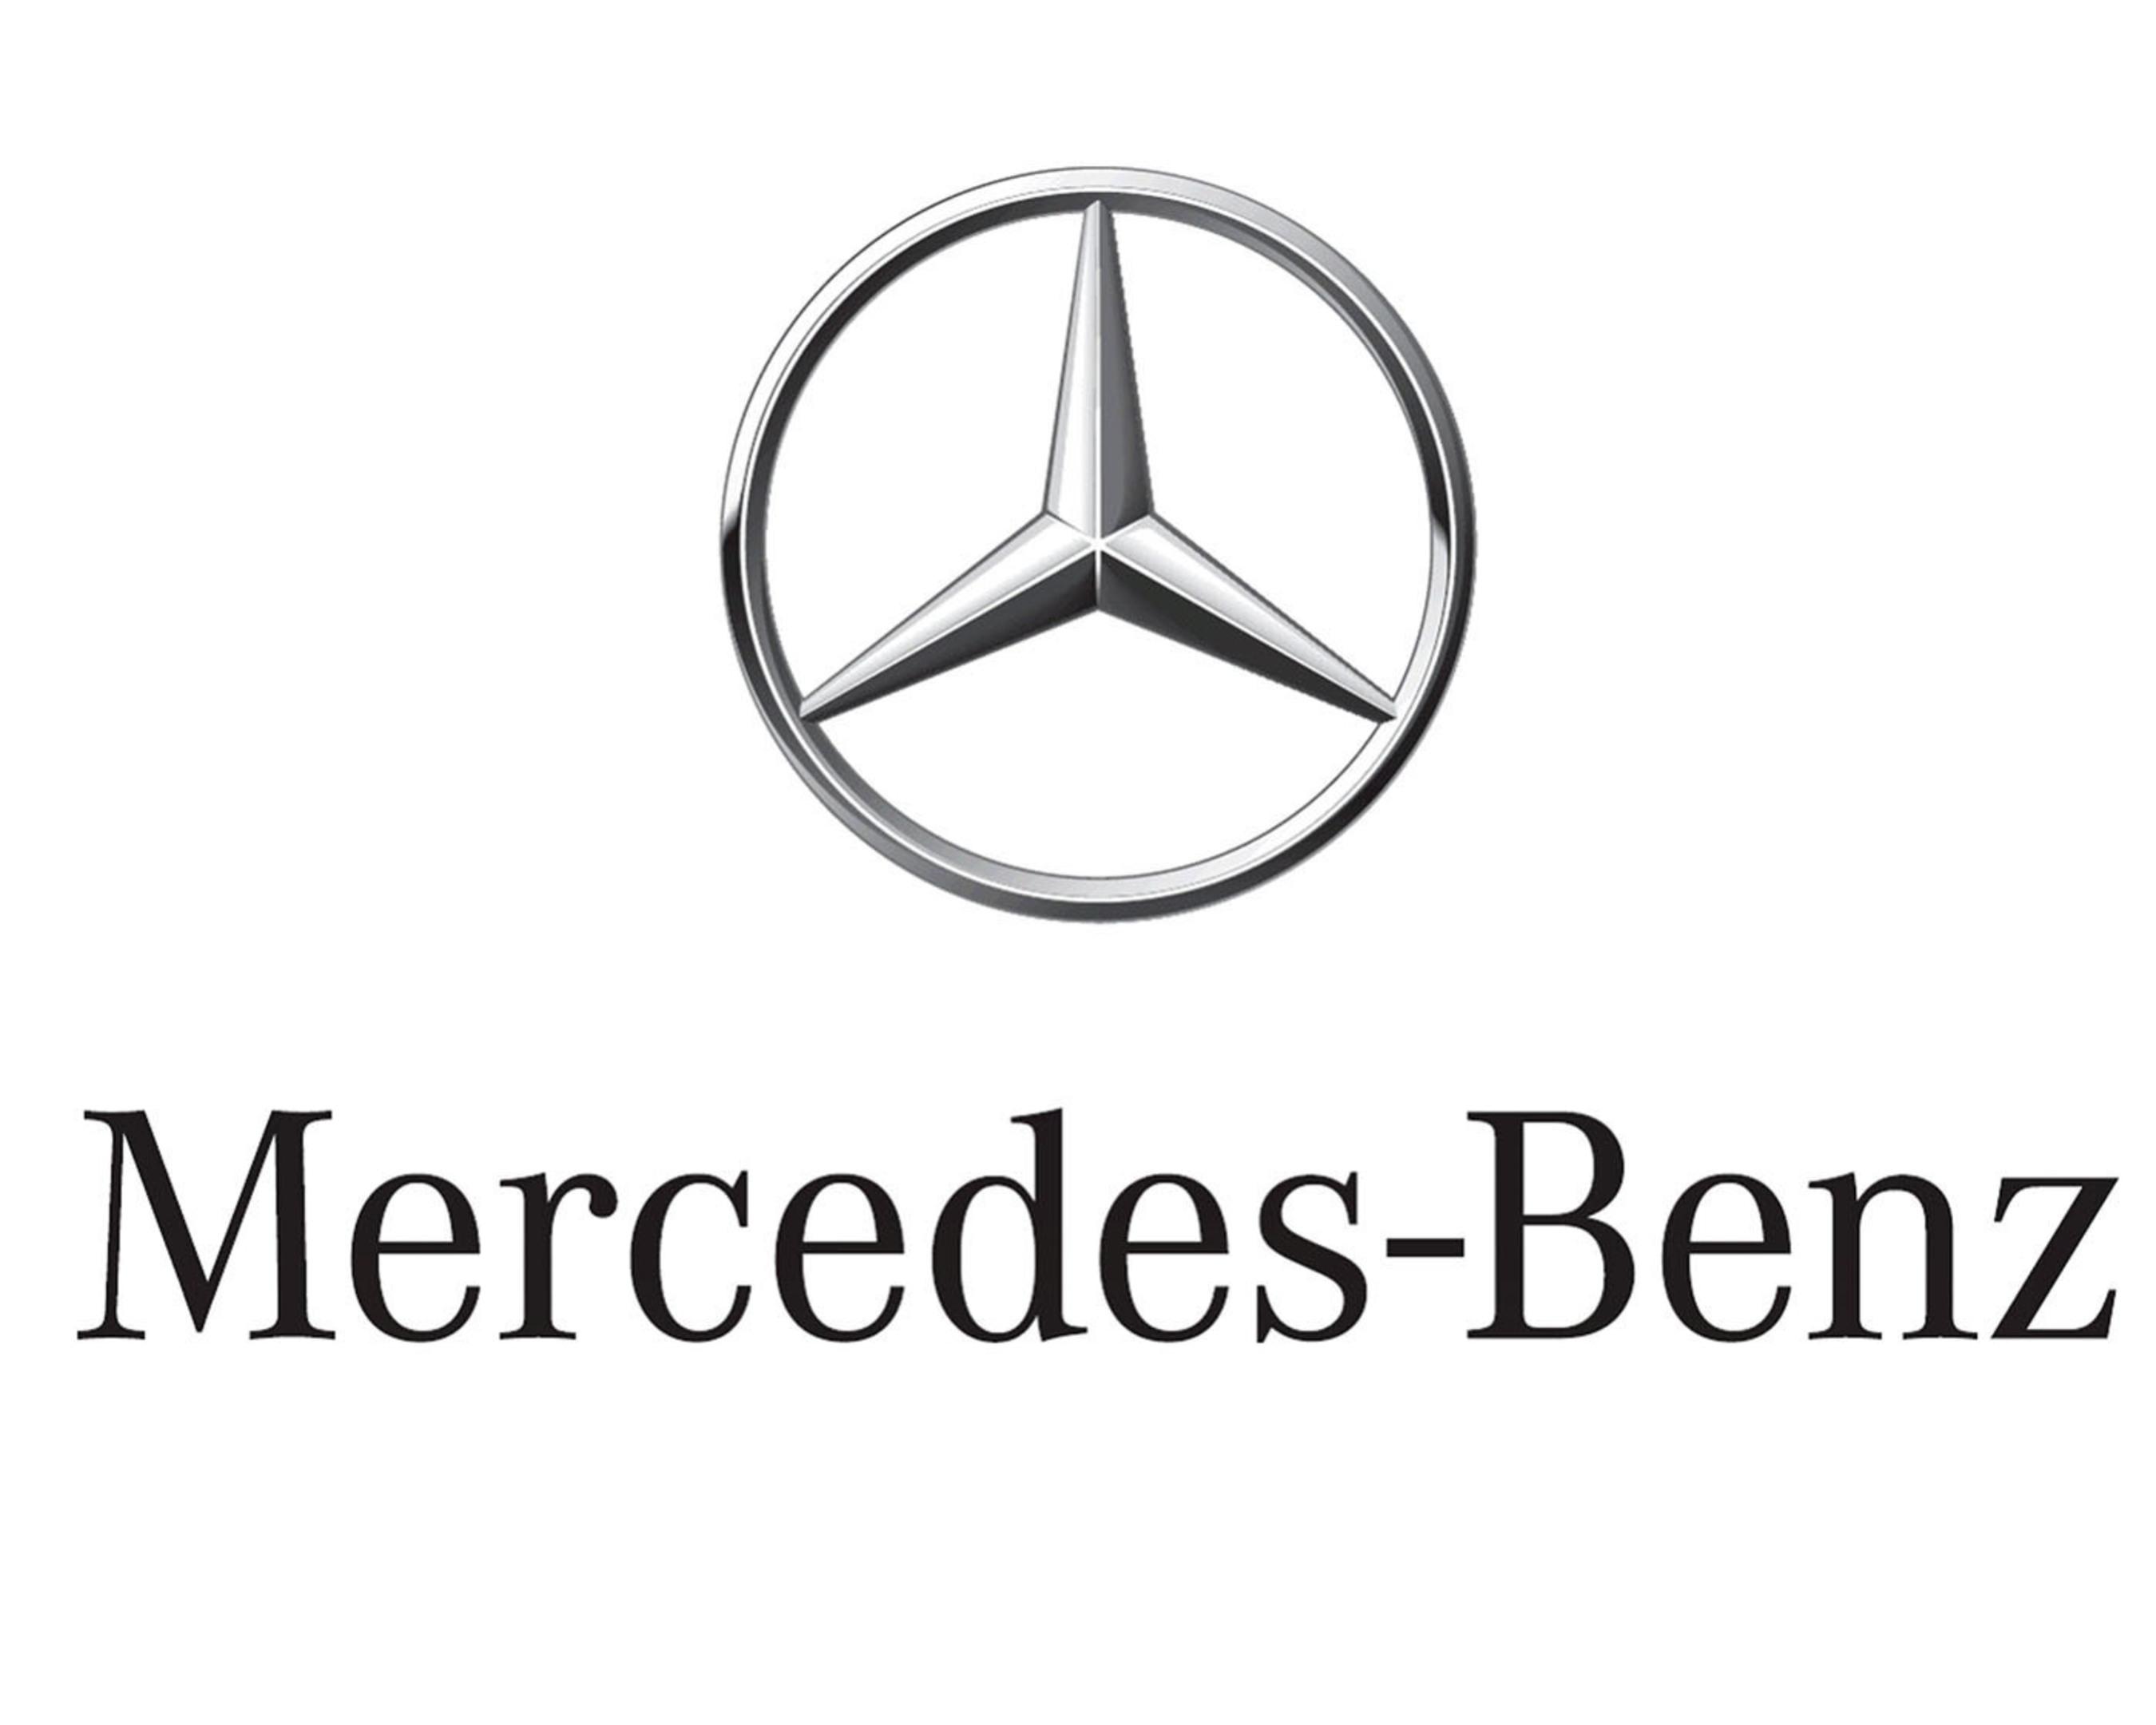 New 2011 3D Mercedes-Benz USA logo